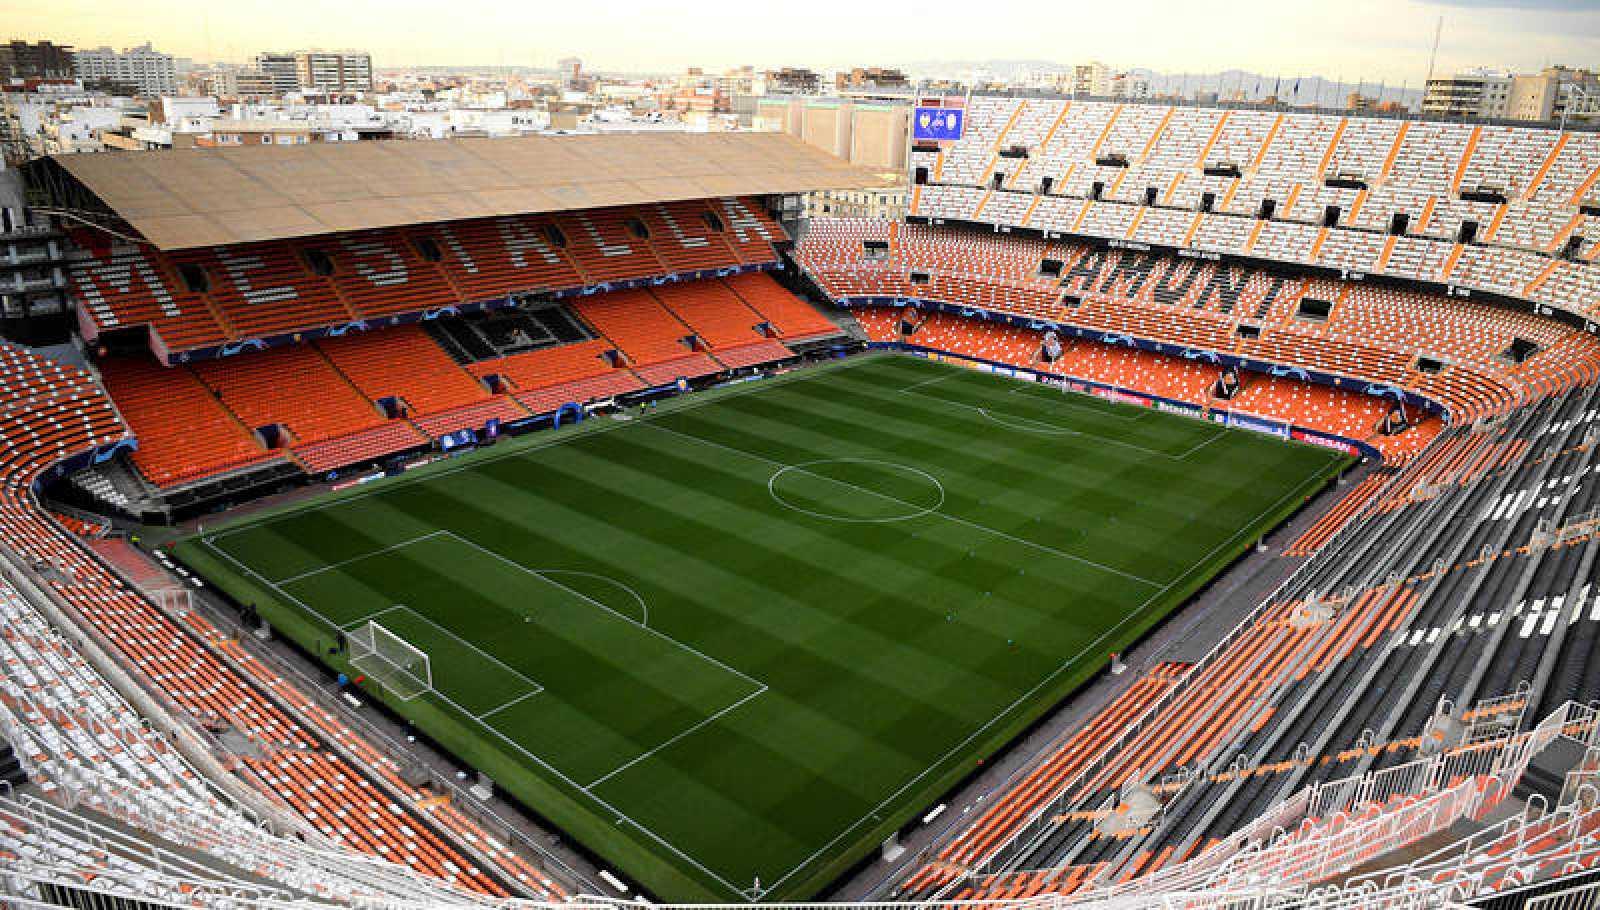 Imagen panorámica de Mestalla, el estadio del Valencia.